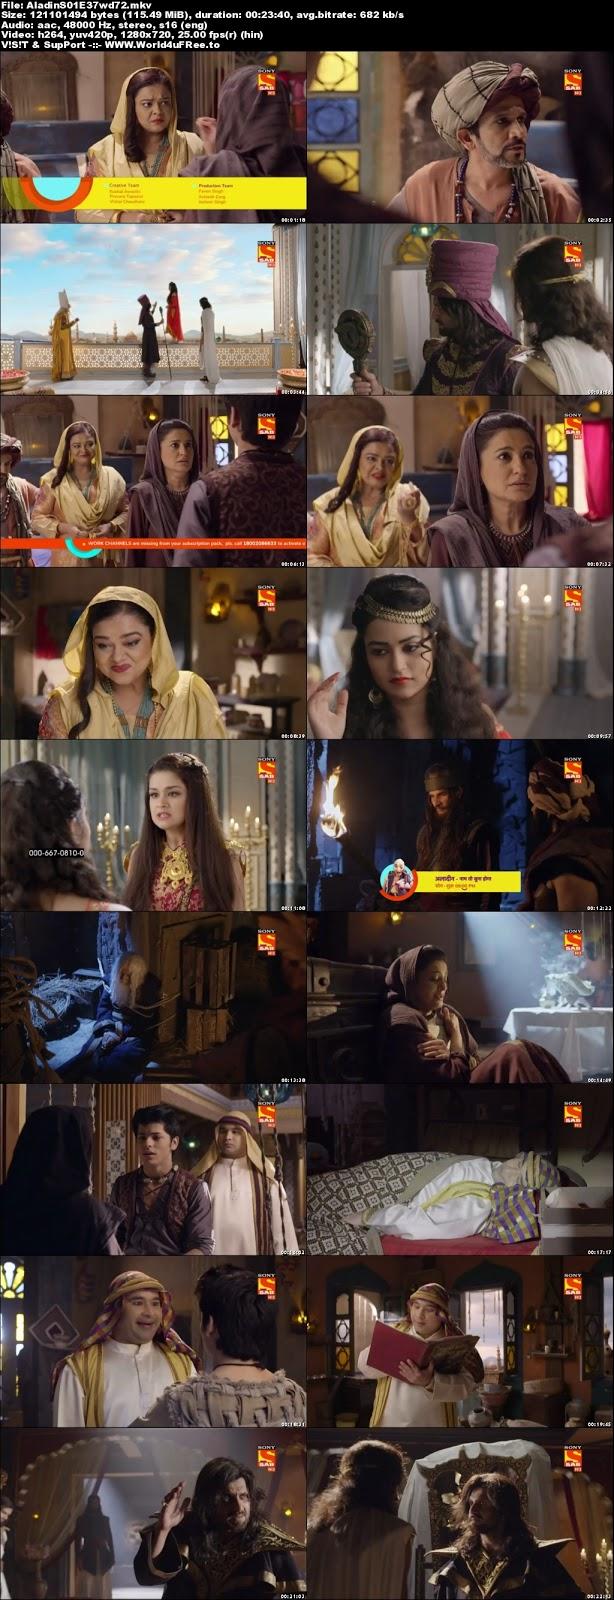 Aladdin 2018 Hindi Season 01 Episode 37 720p HDTV Download world4ufree.vip tv show Aladdin 2018 hindi tv show Aladdin 2018 Season 11 Sony tv show compressed small size free download or watch online at world4ufree.vip